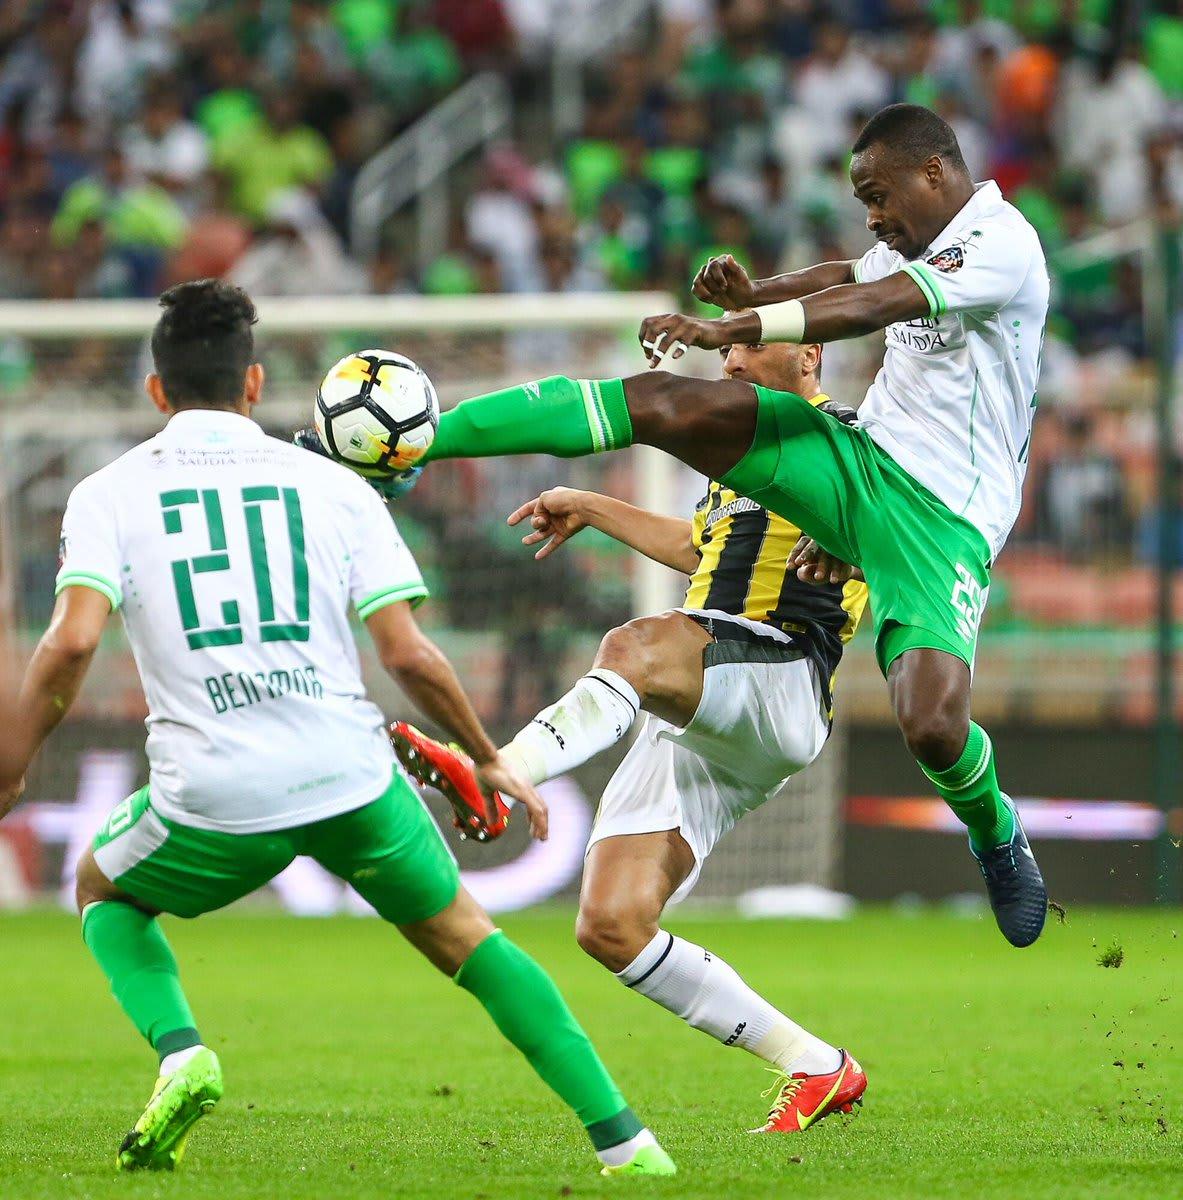 """مباراة """"ديربي جدة"""" تنتهي سلبية النتيجة وإيجابية الأداء في ملعب الجوهرة"""